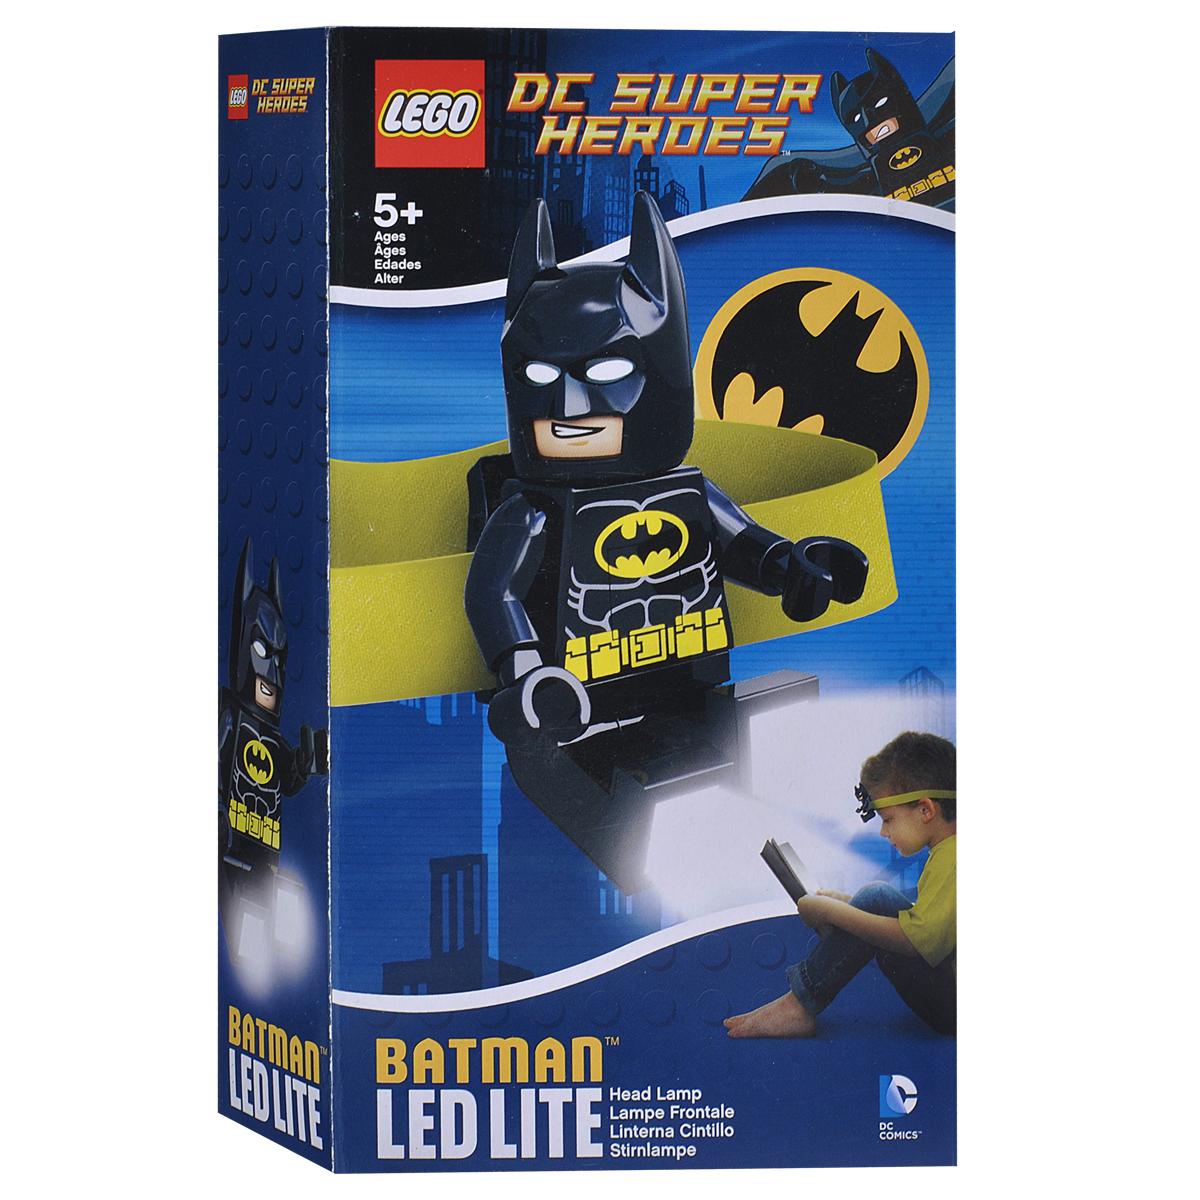 Налобный фонарик Lego Batman. LGL-HE8LGL-HE8Налобный фонарик Lego Batman исполненный в виде бесстрашного супергероя, станет верным спутником при любом занятии вашего ребенка. Фонарик станет незаменимым в походах, при чтении книг, конструировании, собирании мозайки и других интересных занятиях и играх.Главное отличие этого изделия заключается в том, что он не только освещает нужное пространство, но и оставляет руки хозяина свободными. Яркие светодиодные лампы встроены в ступни героя.Супергерой может вращать конечностями, что позволяет использовать его как игрушку, а также направлять светодиодные лампы в двух направлениях. Работает устройство от двух круглых батареек, которые входят в комплект. Характеристики:Материал: пластик, металл. Размер игрушки: 8 см х 4,5 см.Изготовитель: Китай.BR> В комплекте c батарейками 2 хСR2025 3v.